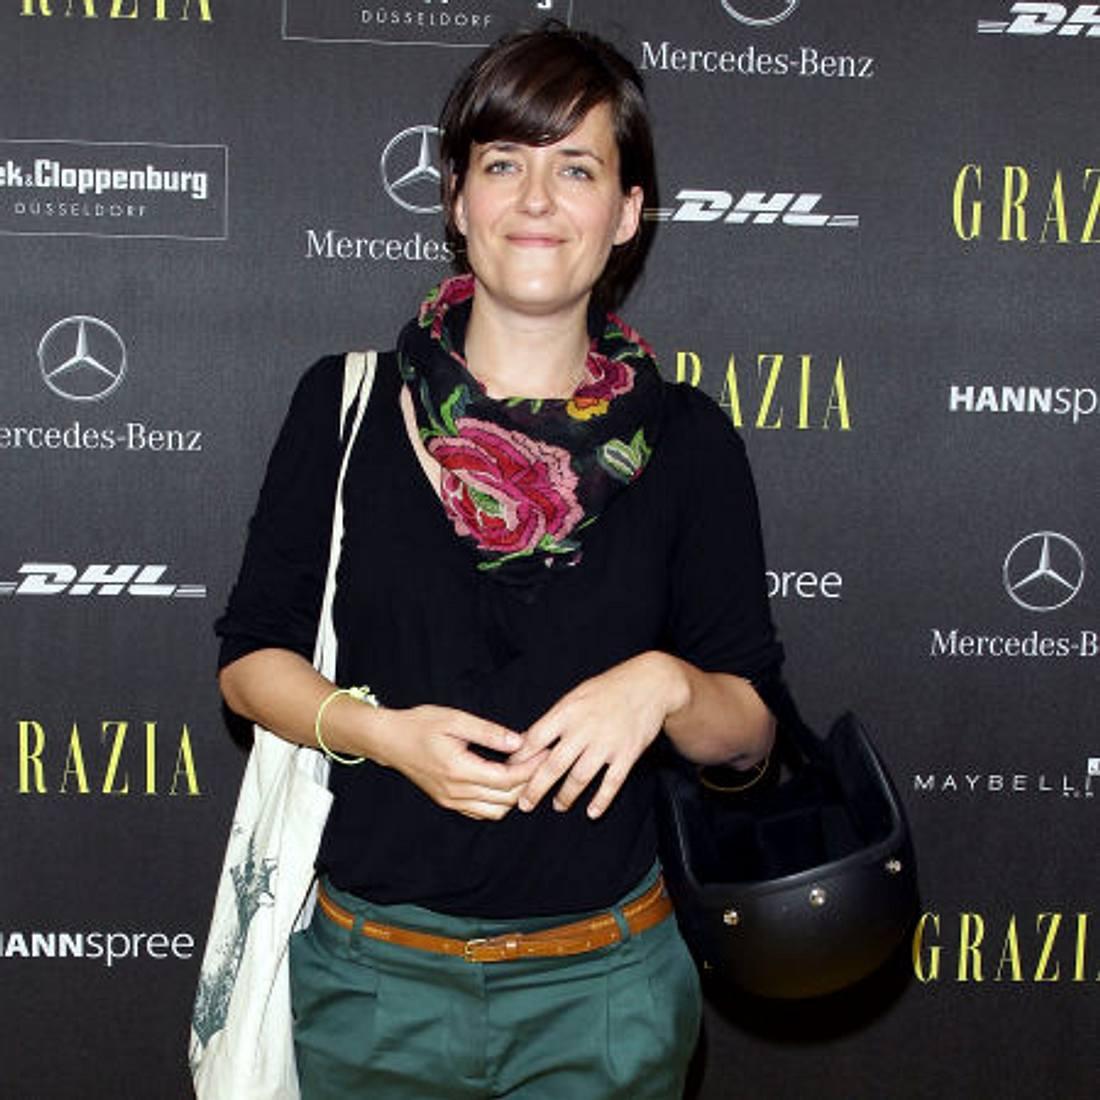 Sarah Kuttner wurde wegen rassistischer Äußerungen angezeigt.